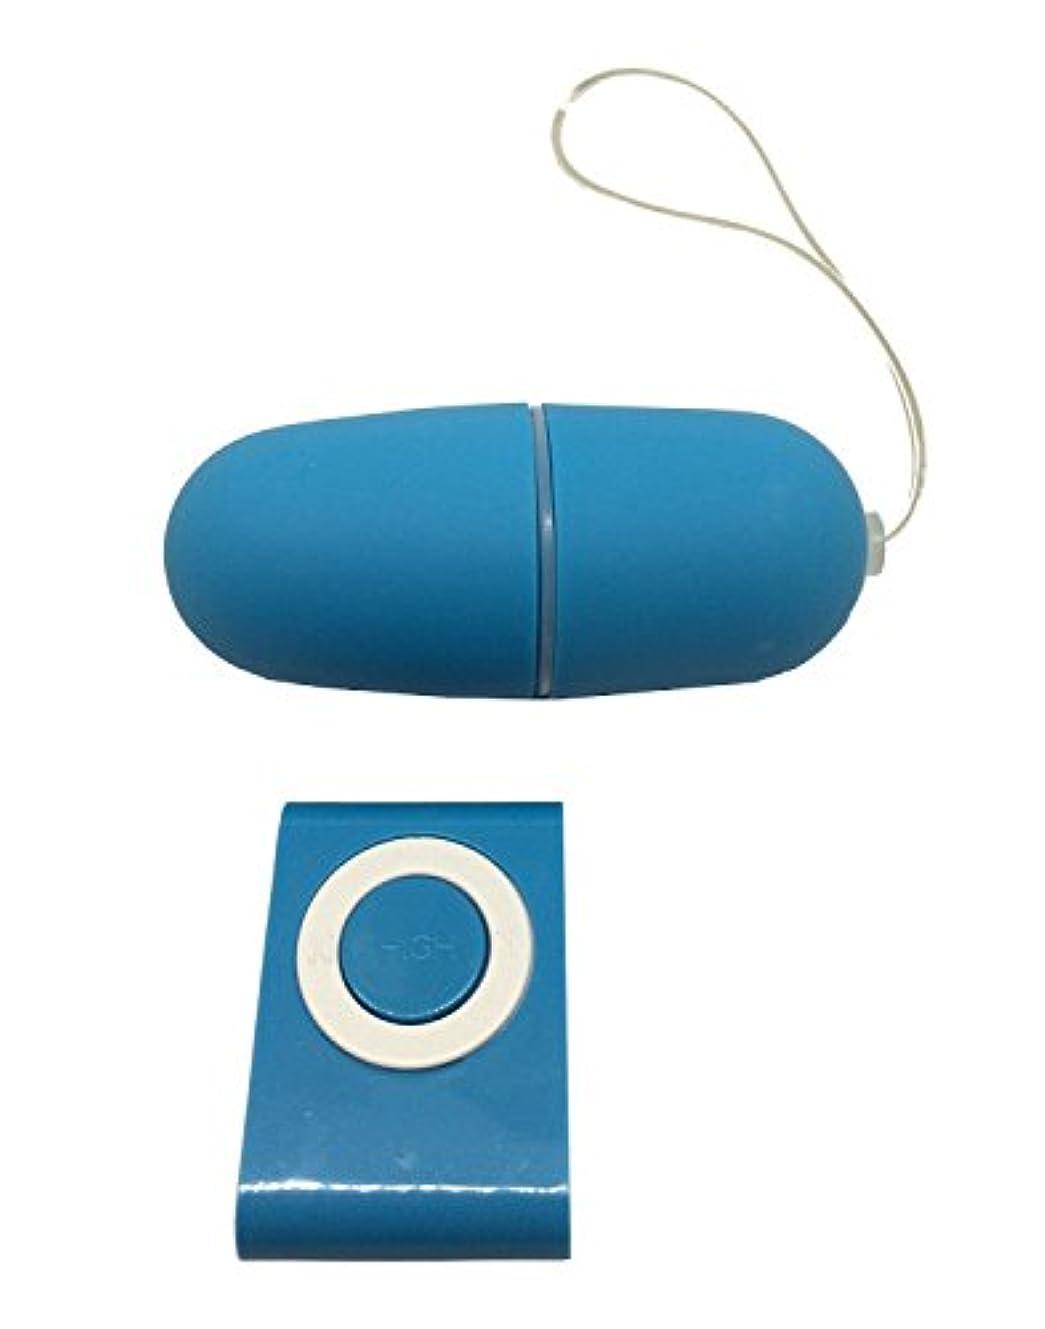 丁寧器具名目上の【Ronsen 】リモコン マッサージ ピンク ローター 可愛い 小型 電動 ハンディ マッサージ コードレス 防水 ipod 型 遠隔操作 リモコンワイヤレス (ブルー)